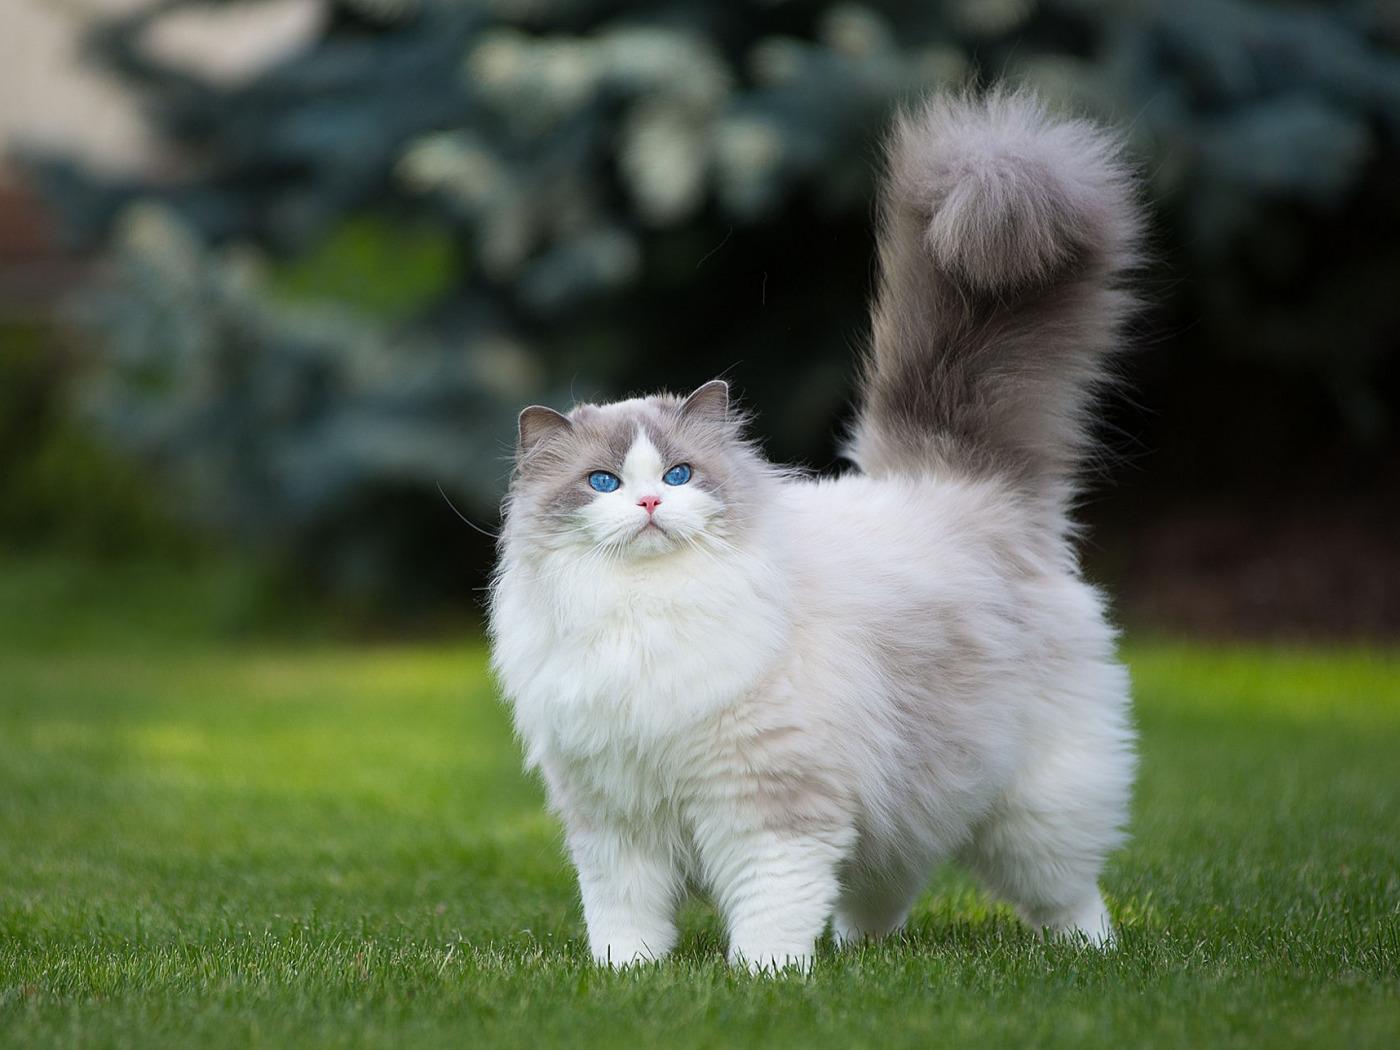 самые пушистые котята в мире фото касается второго